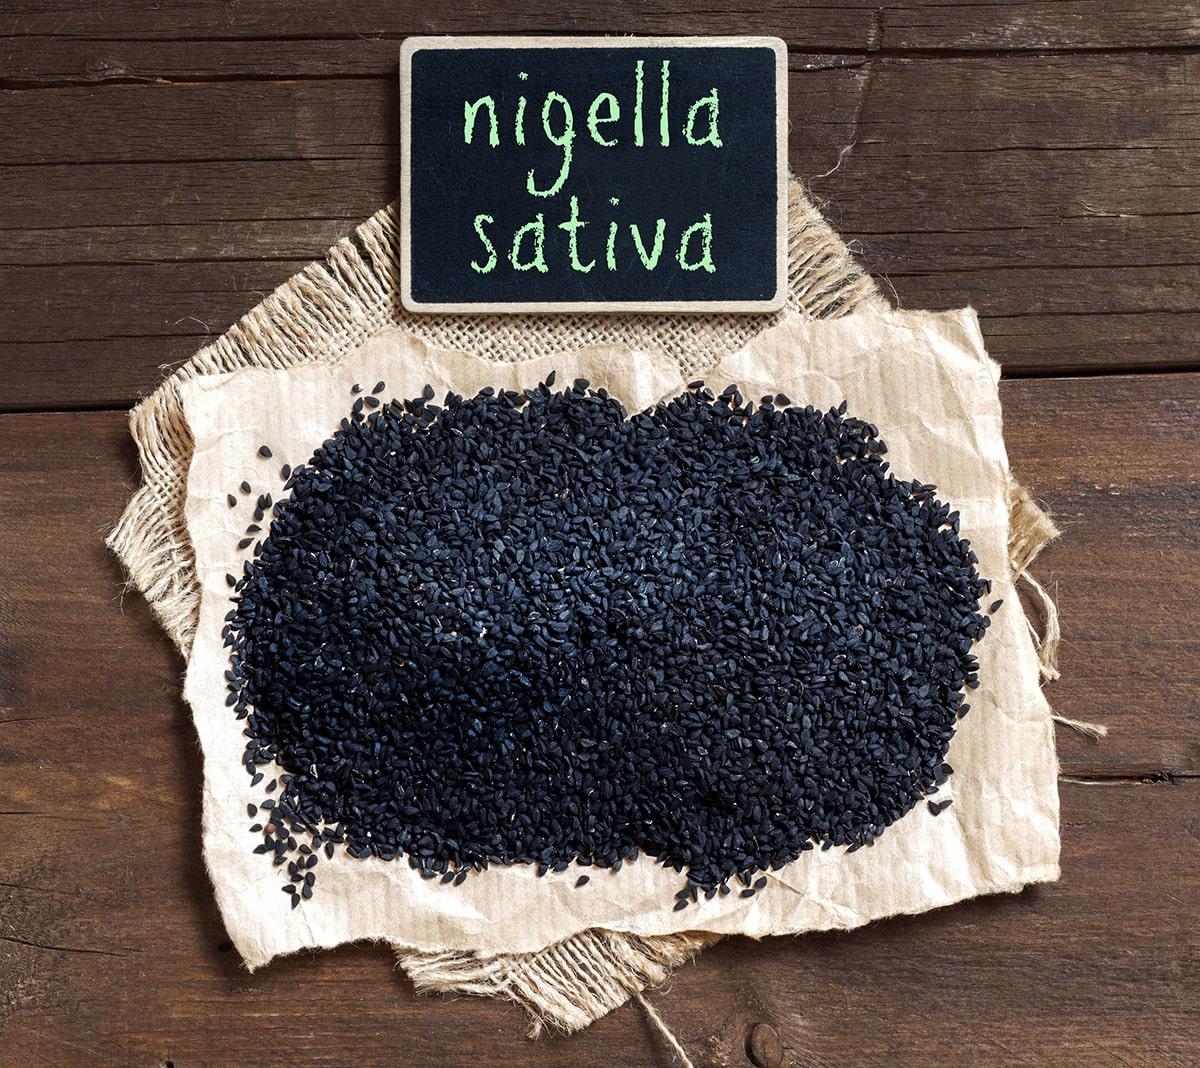 Nigella Sativa on a wooden background